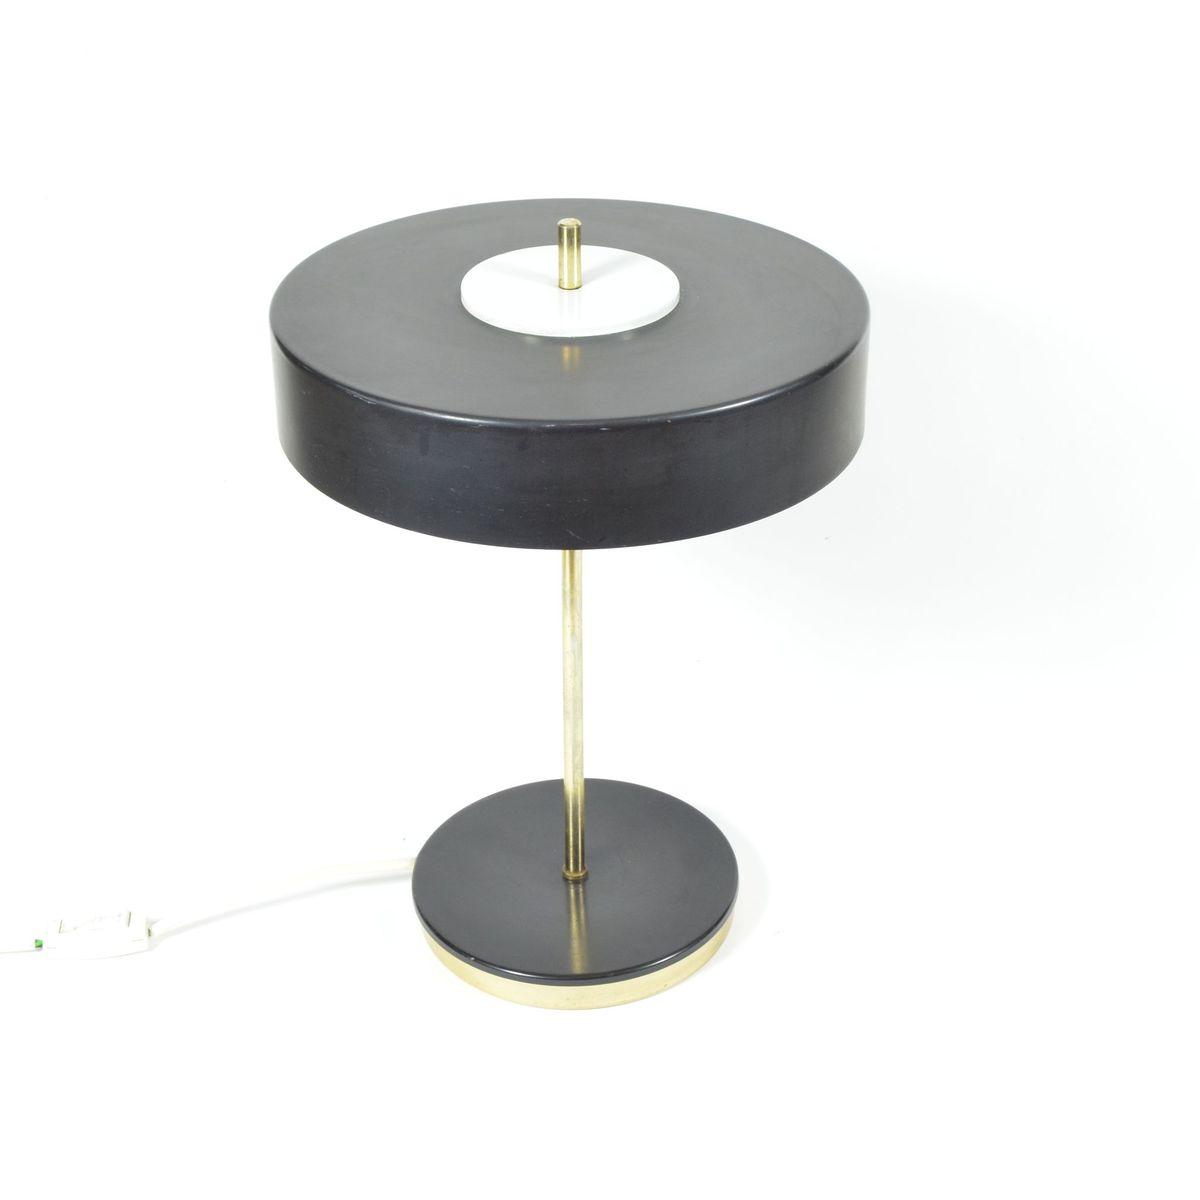 Tischlampe aus schwarzem Metall & Messing von Kamenický Šenov, 1970er